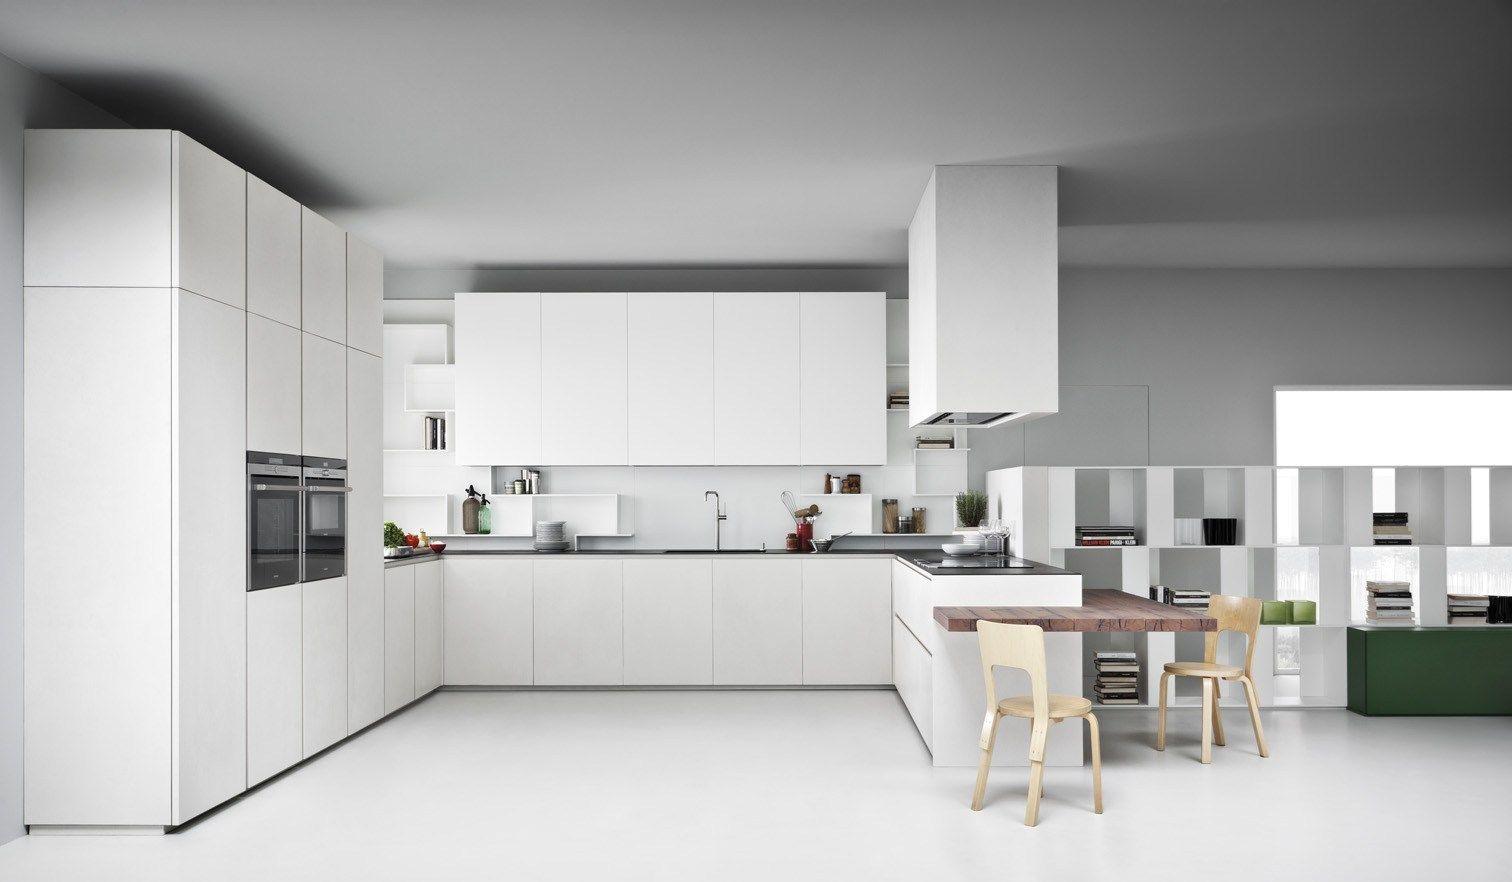 Line k urban look con la resina di cemento - Zampieri cucine opinioni ...